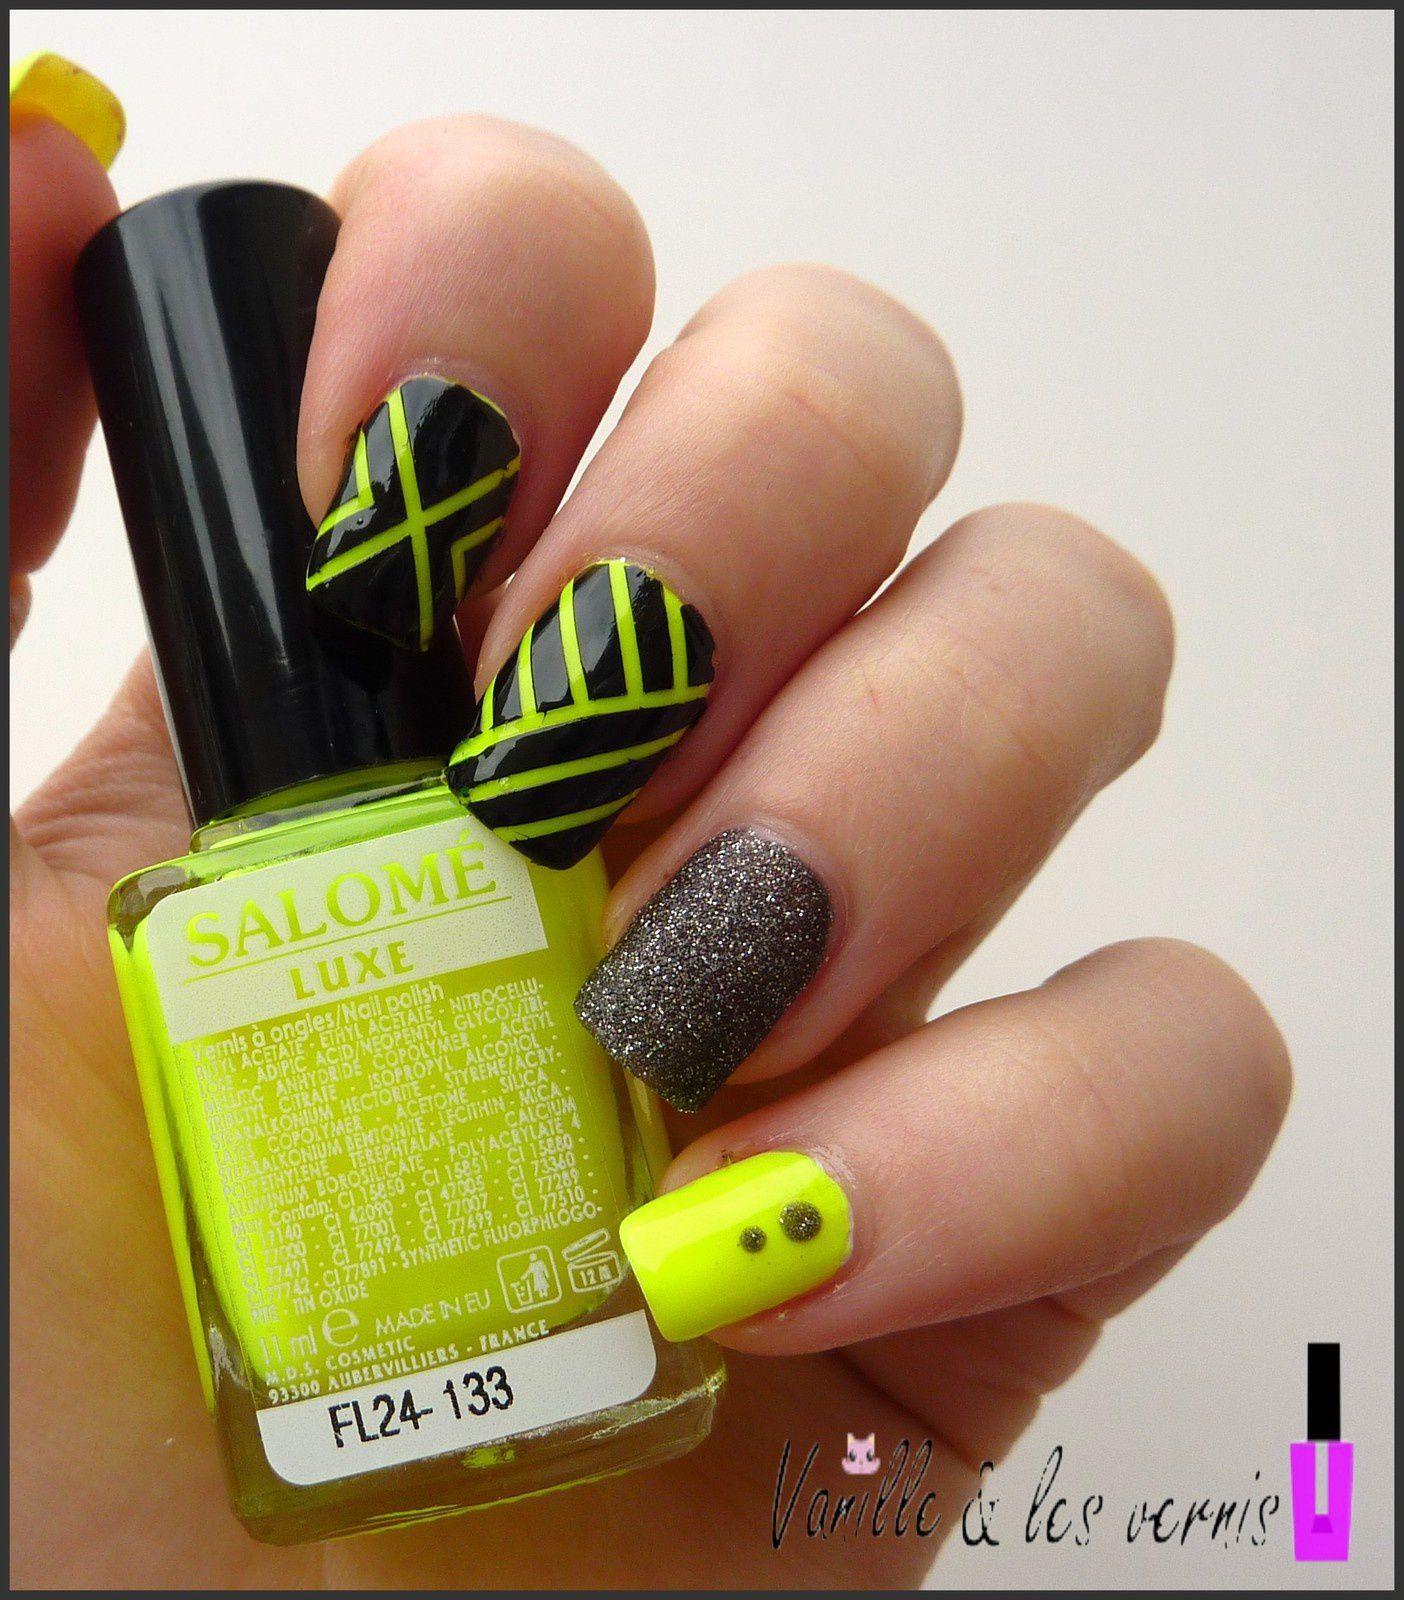 Mix jaune fluo!!